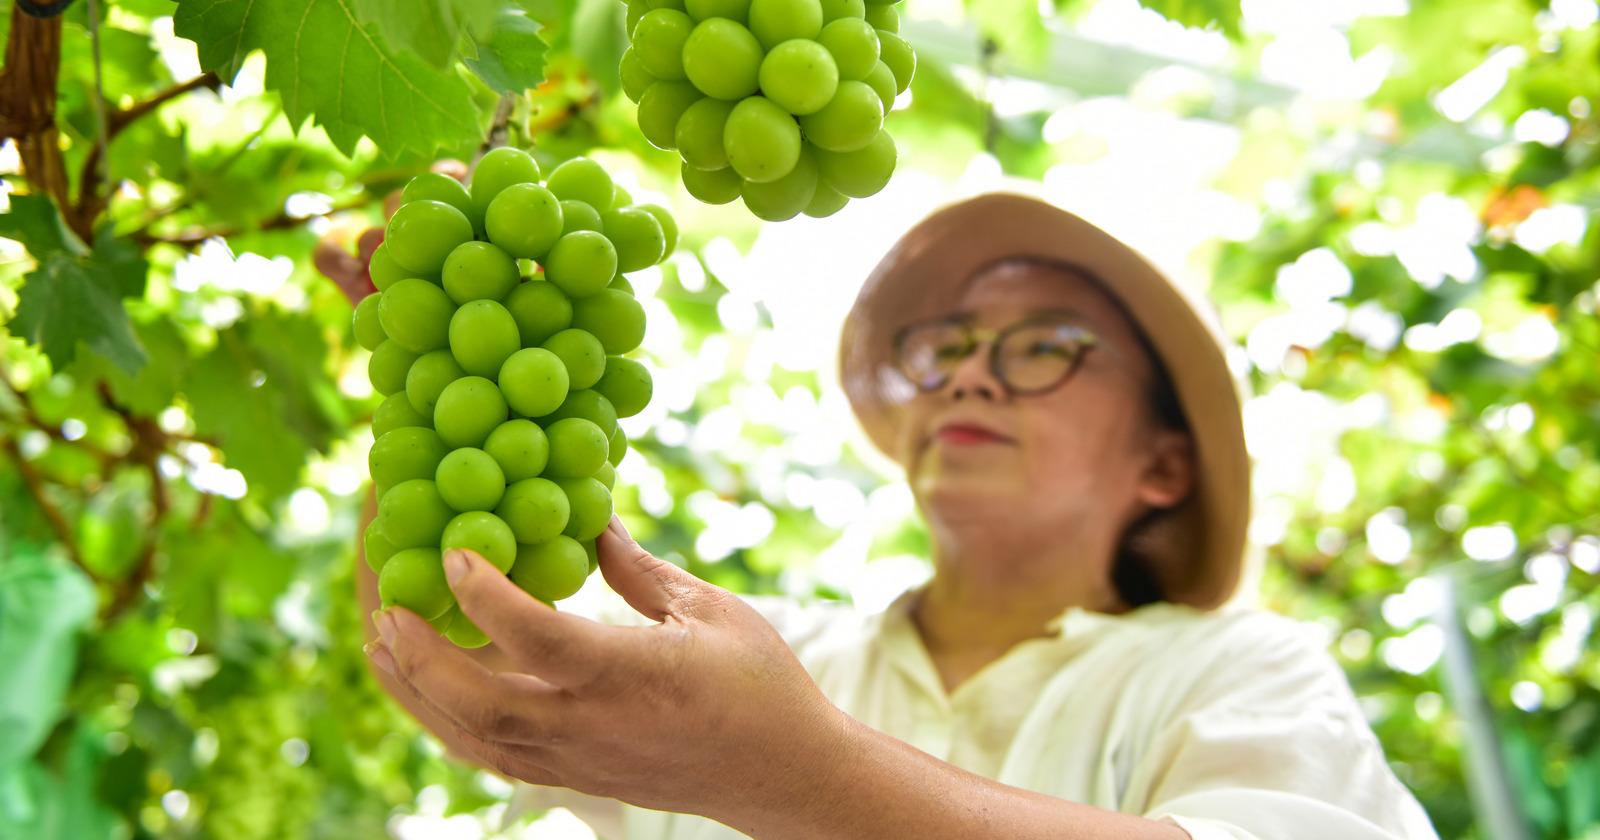 又到葡萄成熟时